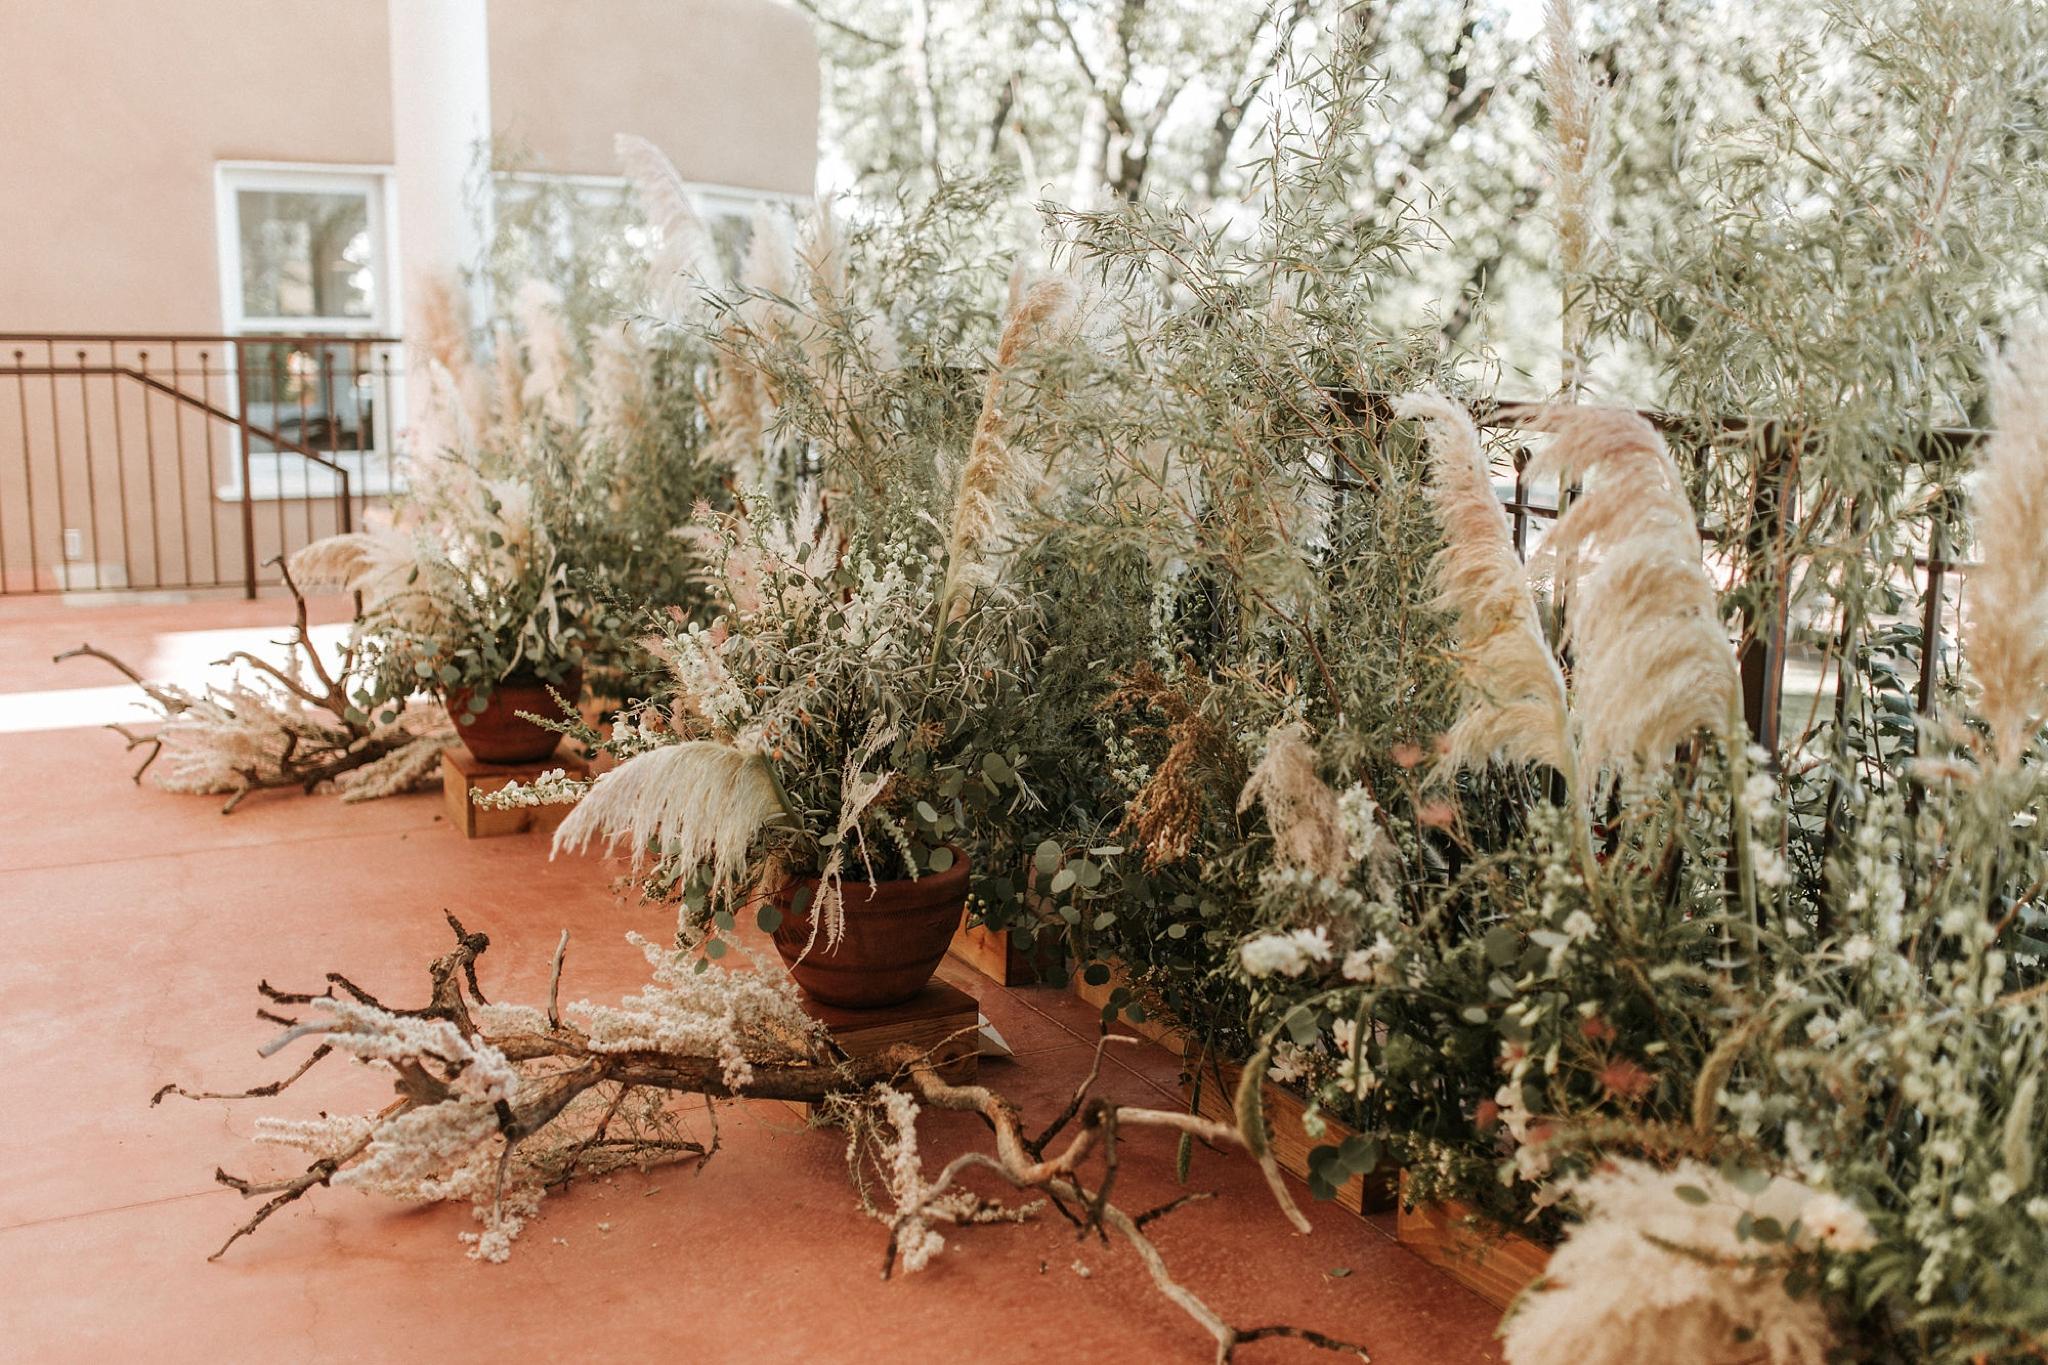 Alicia+lucia+photography+-+albuquerque+wedding+photographer+-+santa+fe+wedding+photography+-+new+mexico+wedding+photographer+-+new+mexico+wedding+-+new+mexico+wedding+-+wedding+florals+-+desert+wedding+-+wedding+trends_0022.jpg